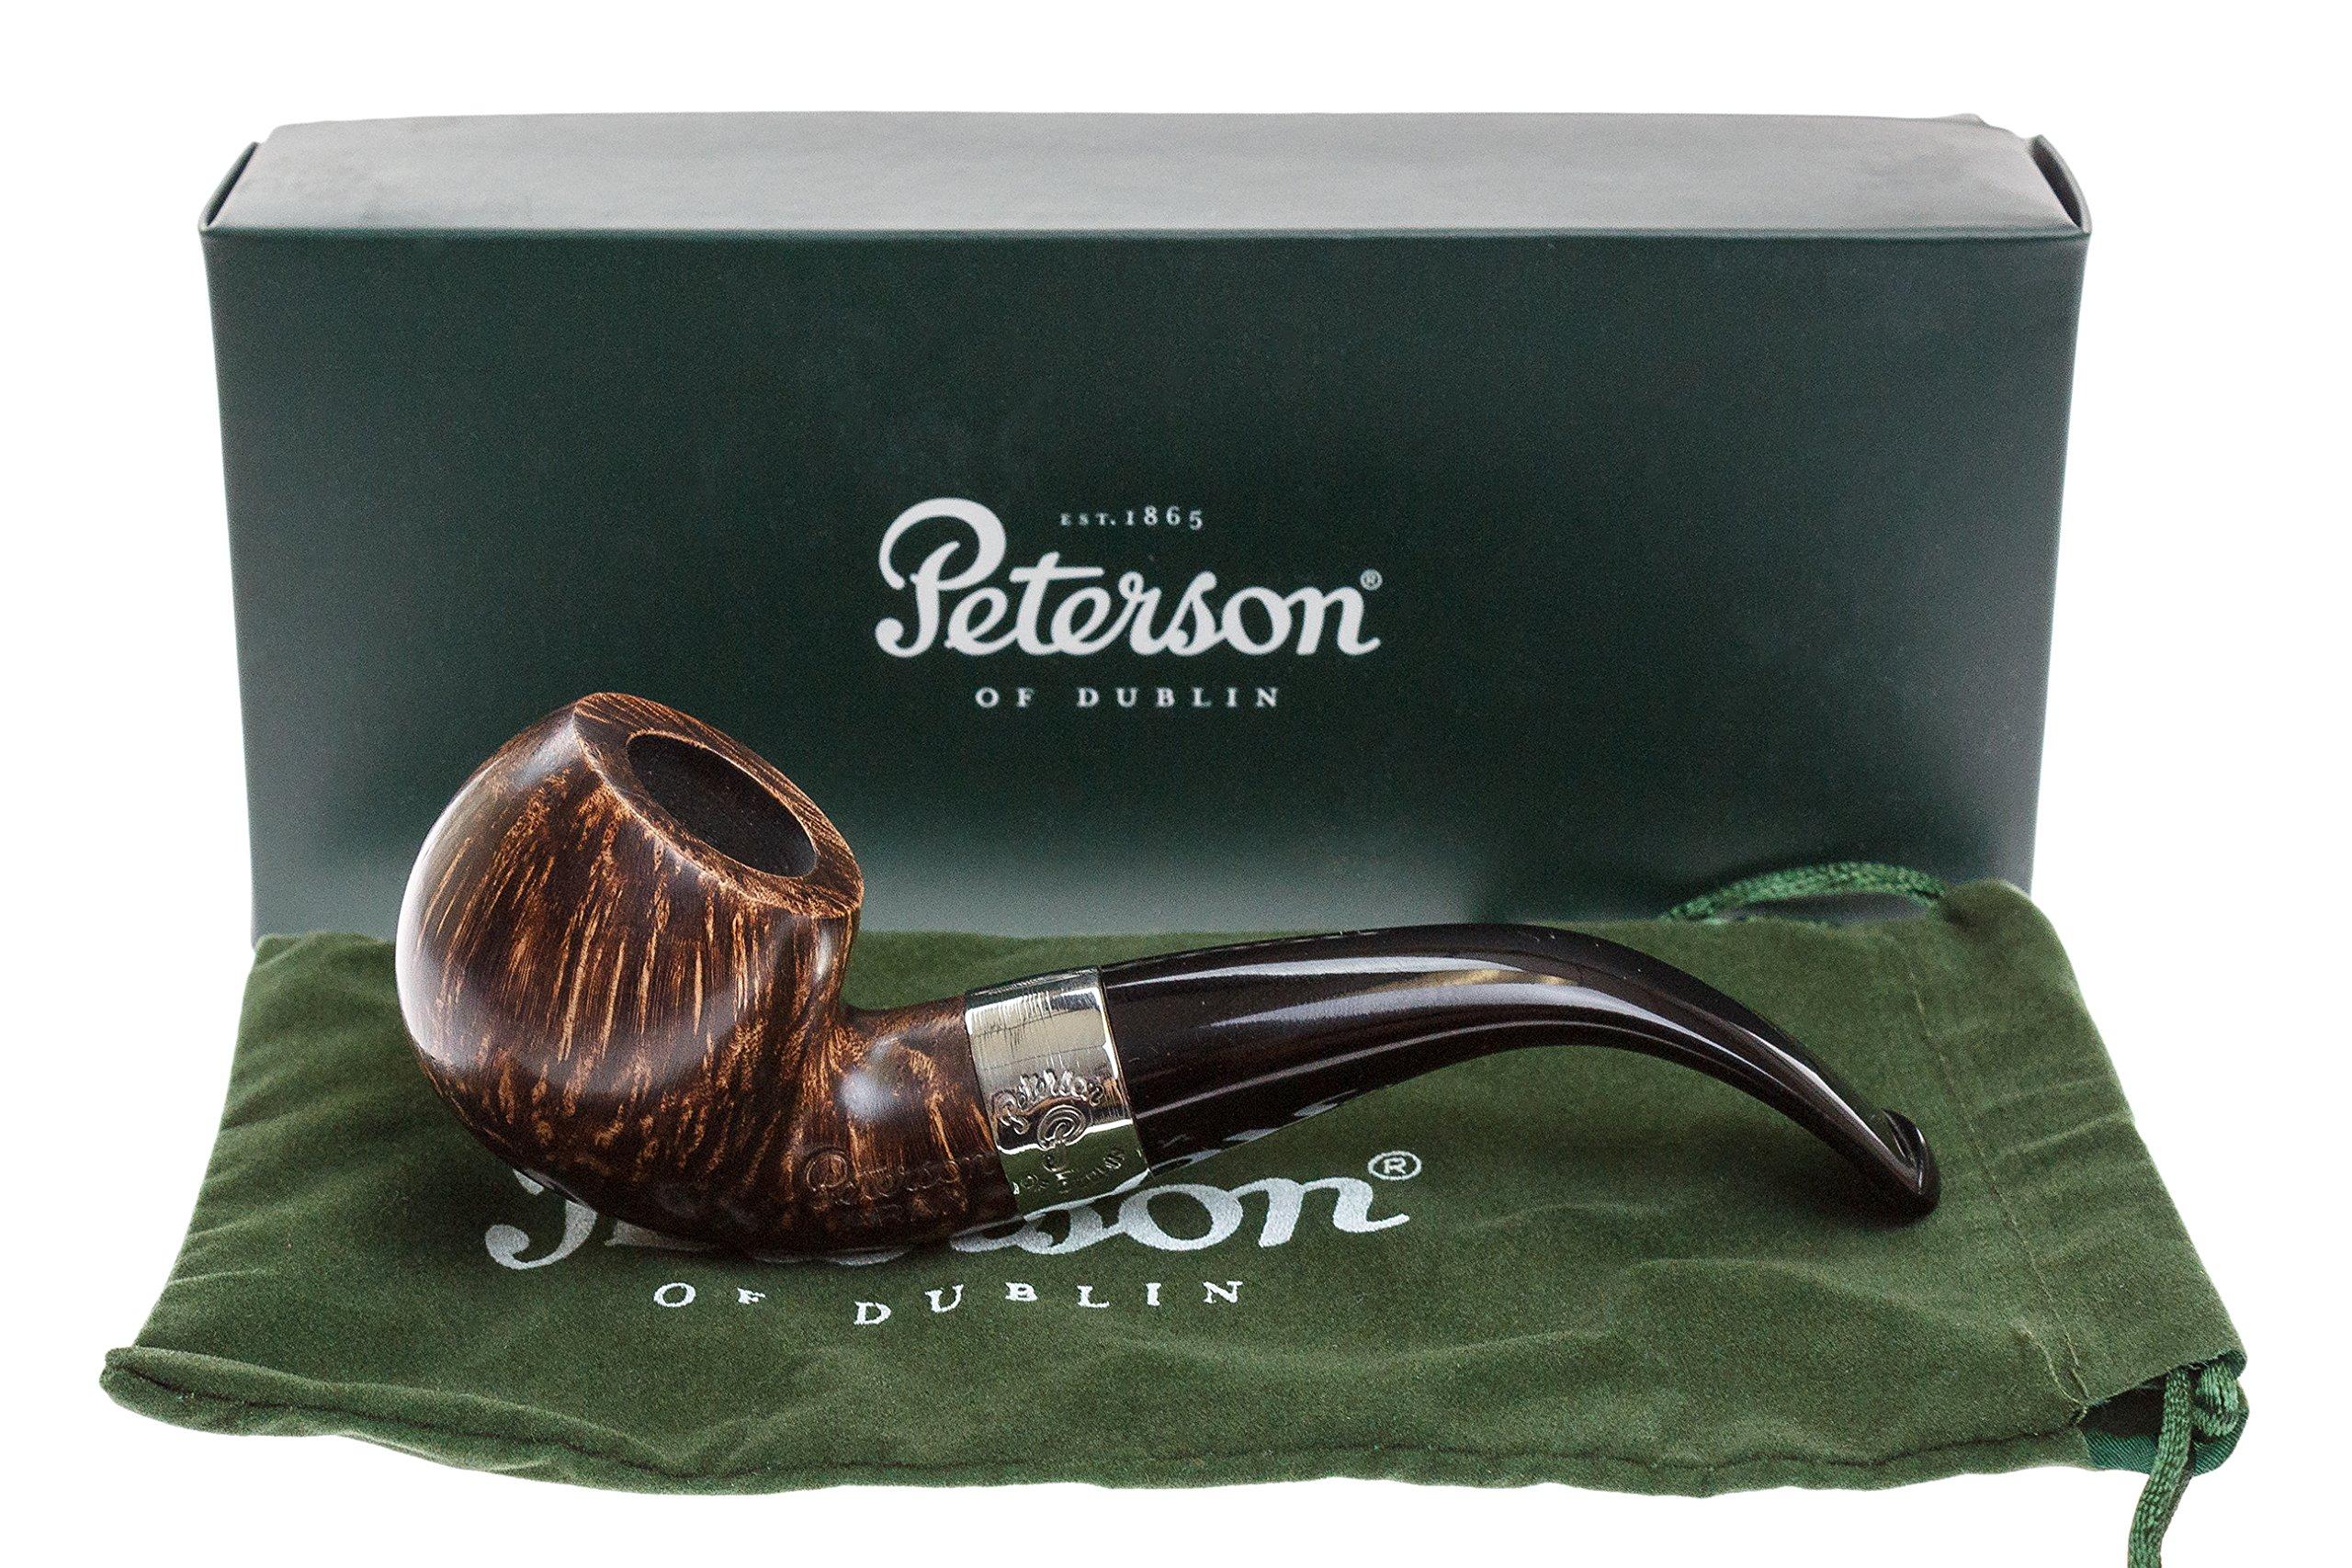 Peterson Aran 03 Tobacco Pipe Fishtail